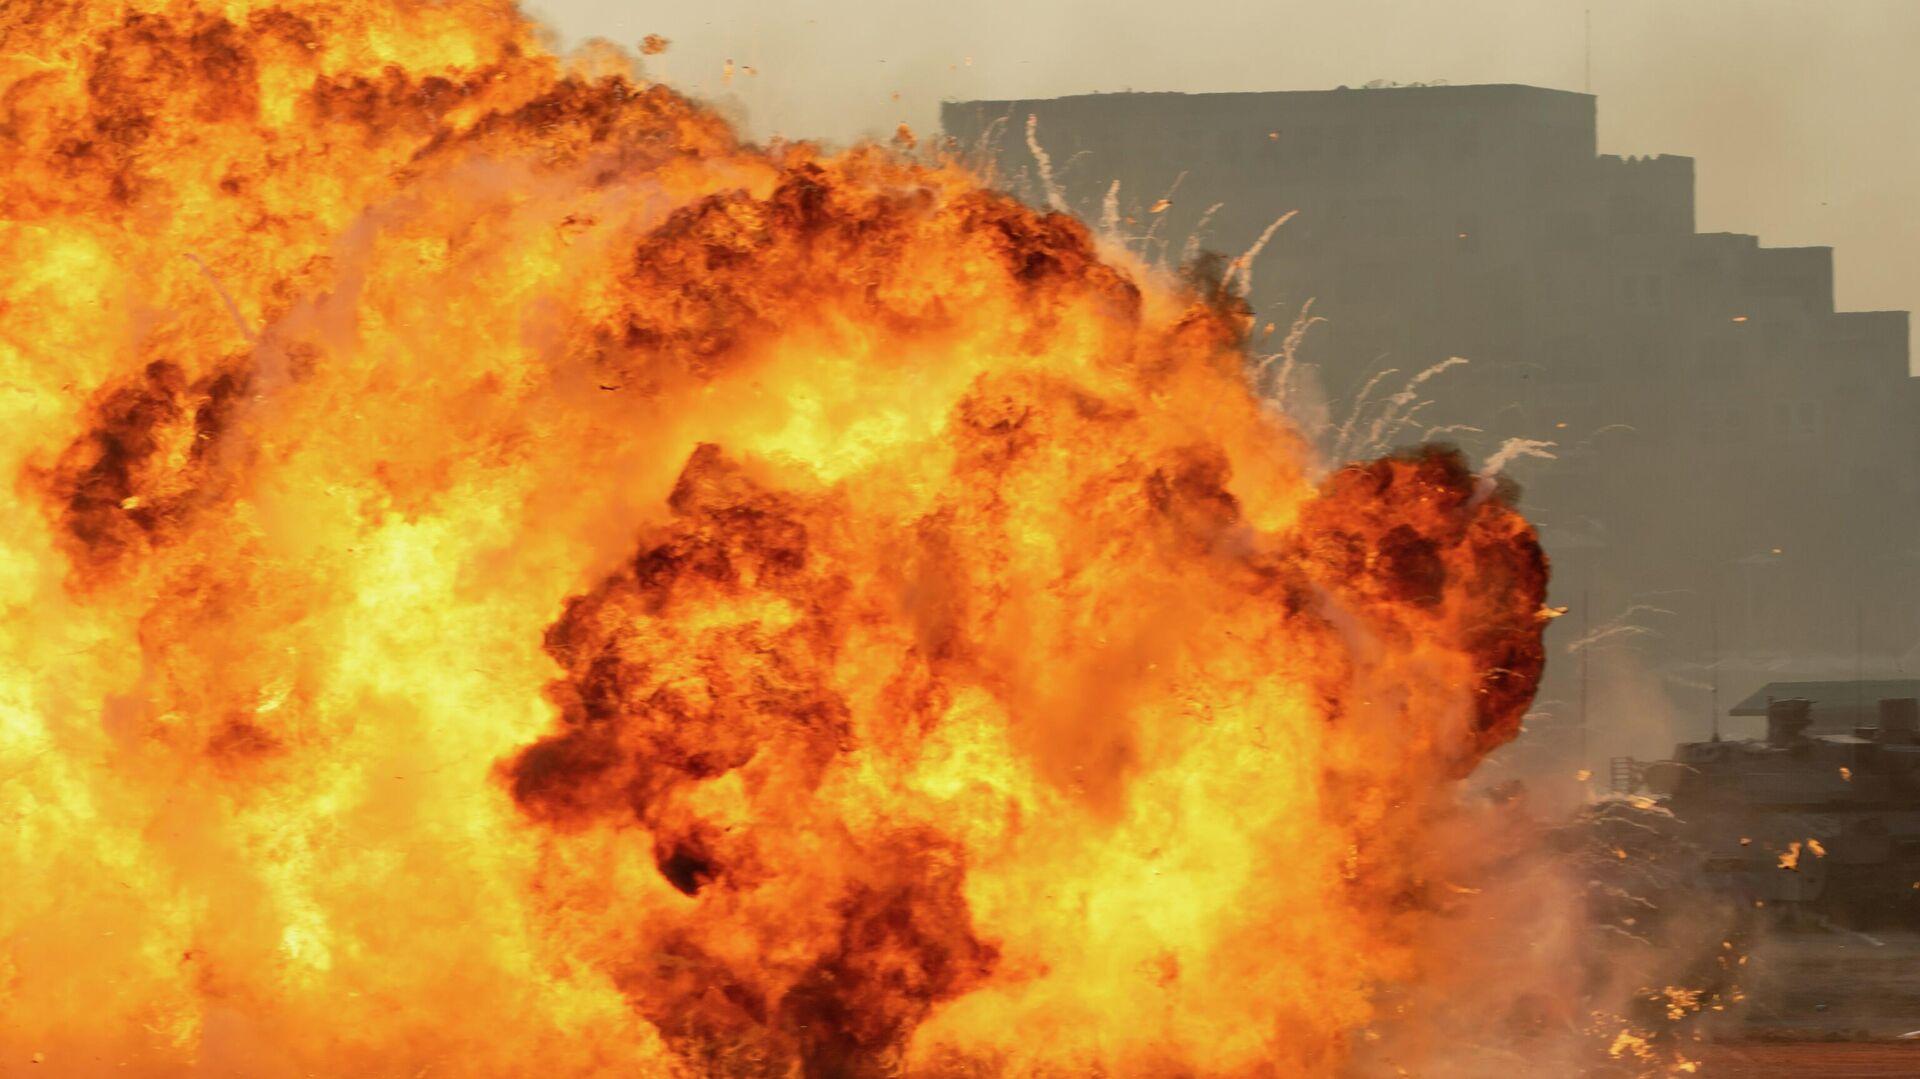 Взрыв автомобиля на Ближнем Востоке - Sputnik Узбекистан, 1920, 10.10.2021